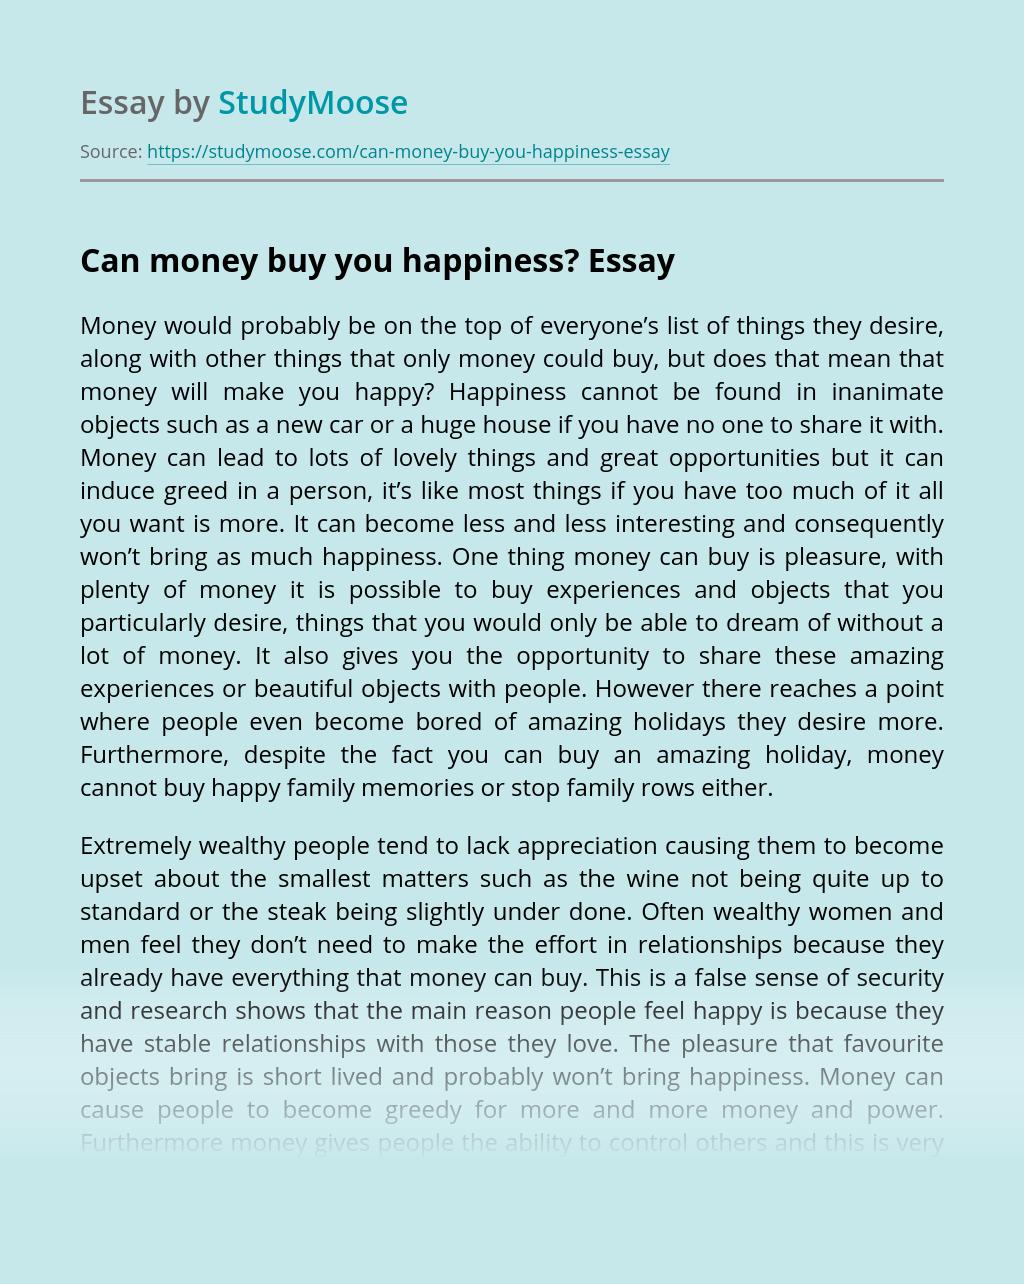 Order essay for money